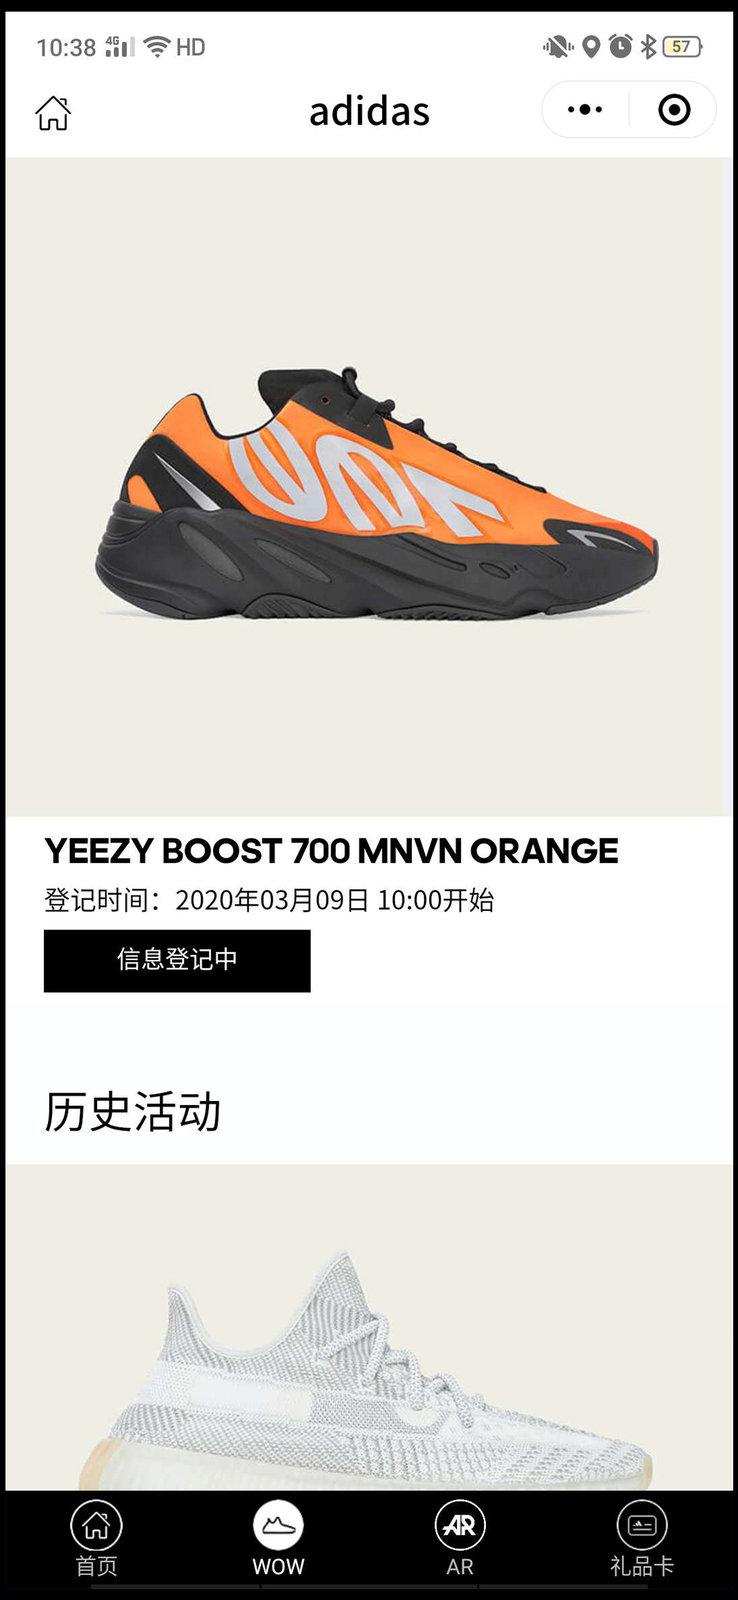 Yeezy 700 MNVN,adidas,发售,FV325  入手难度不小!Yeezy 700 MNVN 小程序登记已开启!